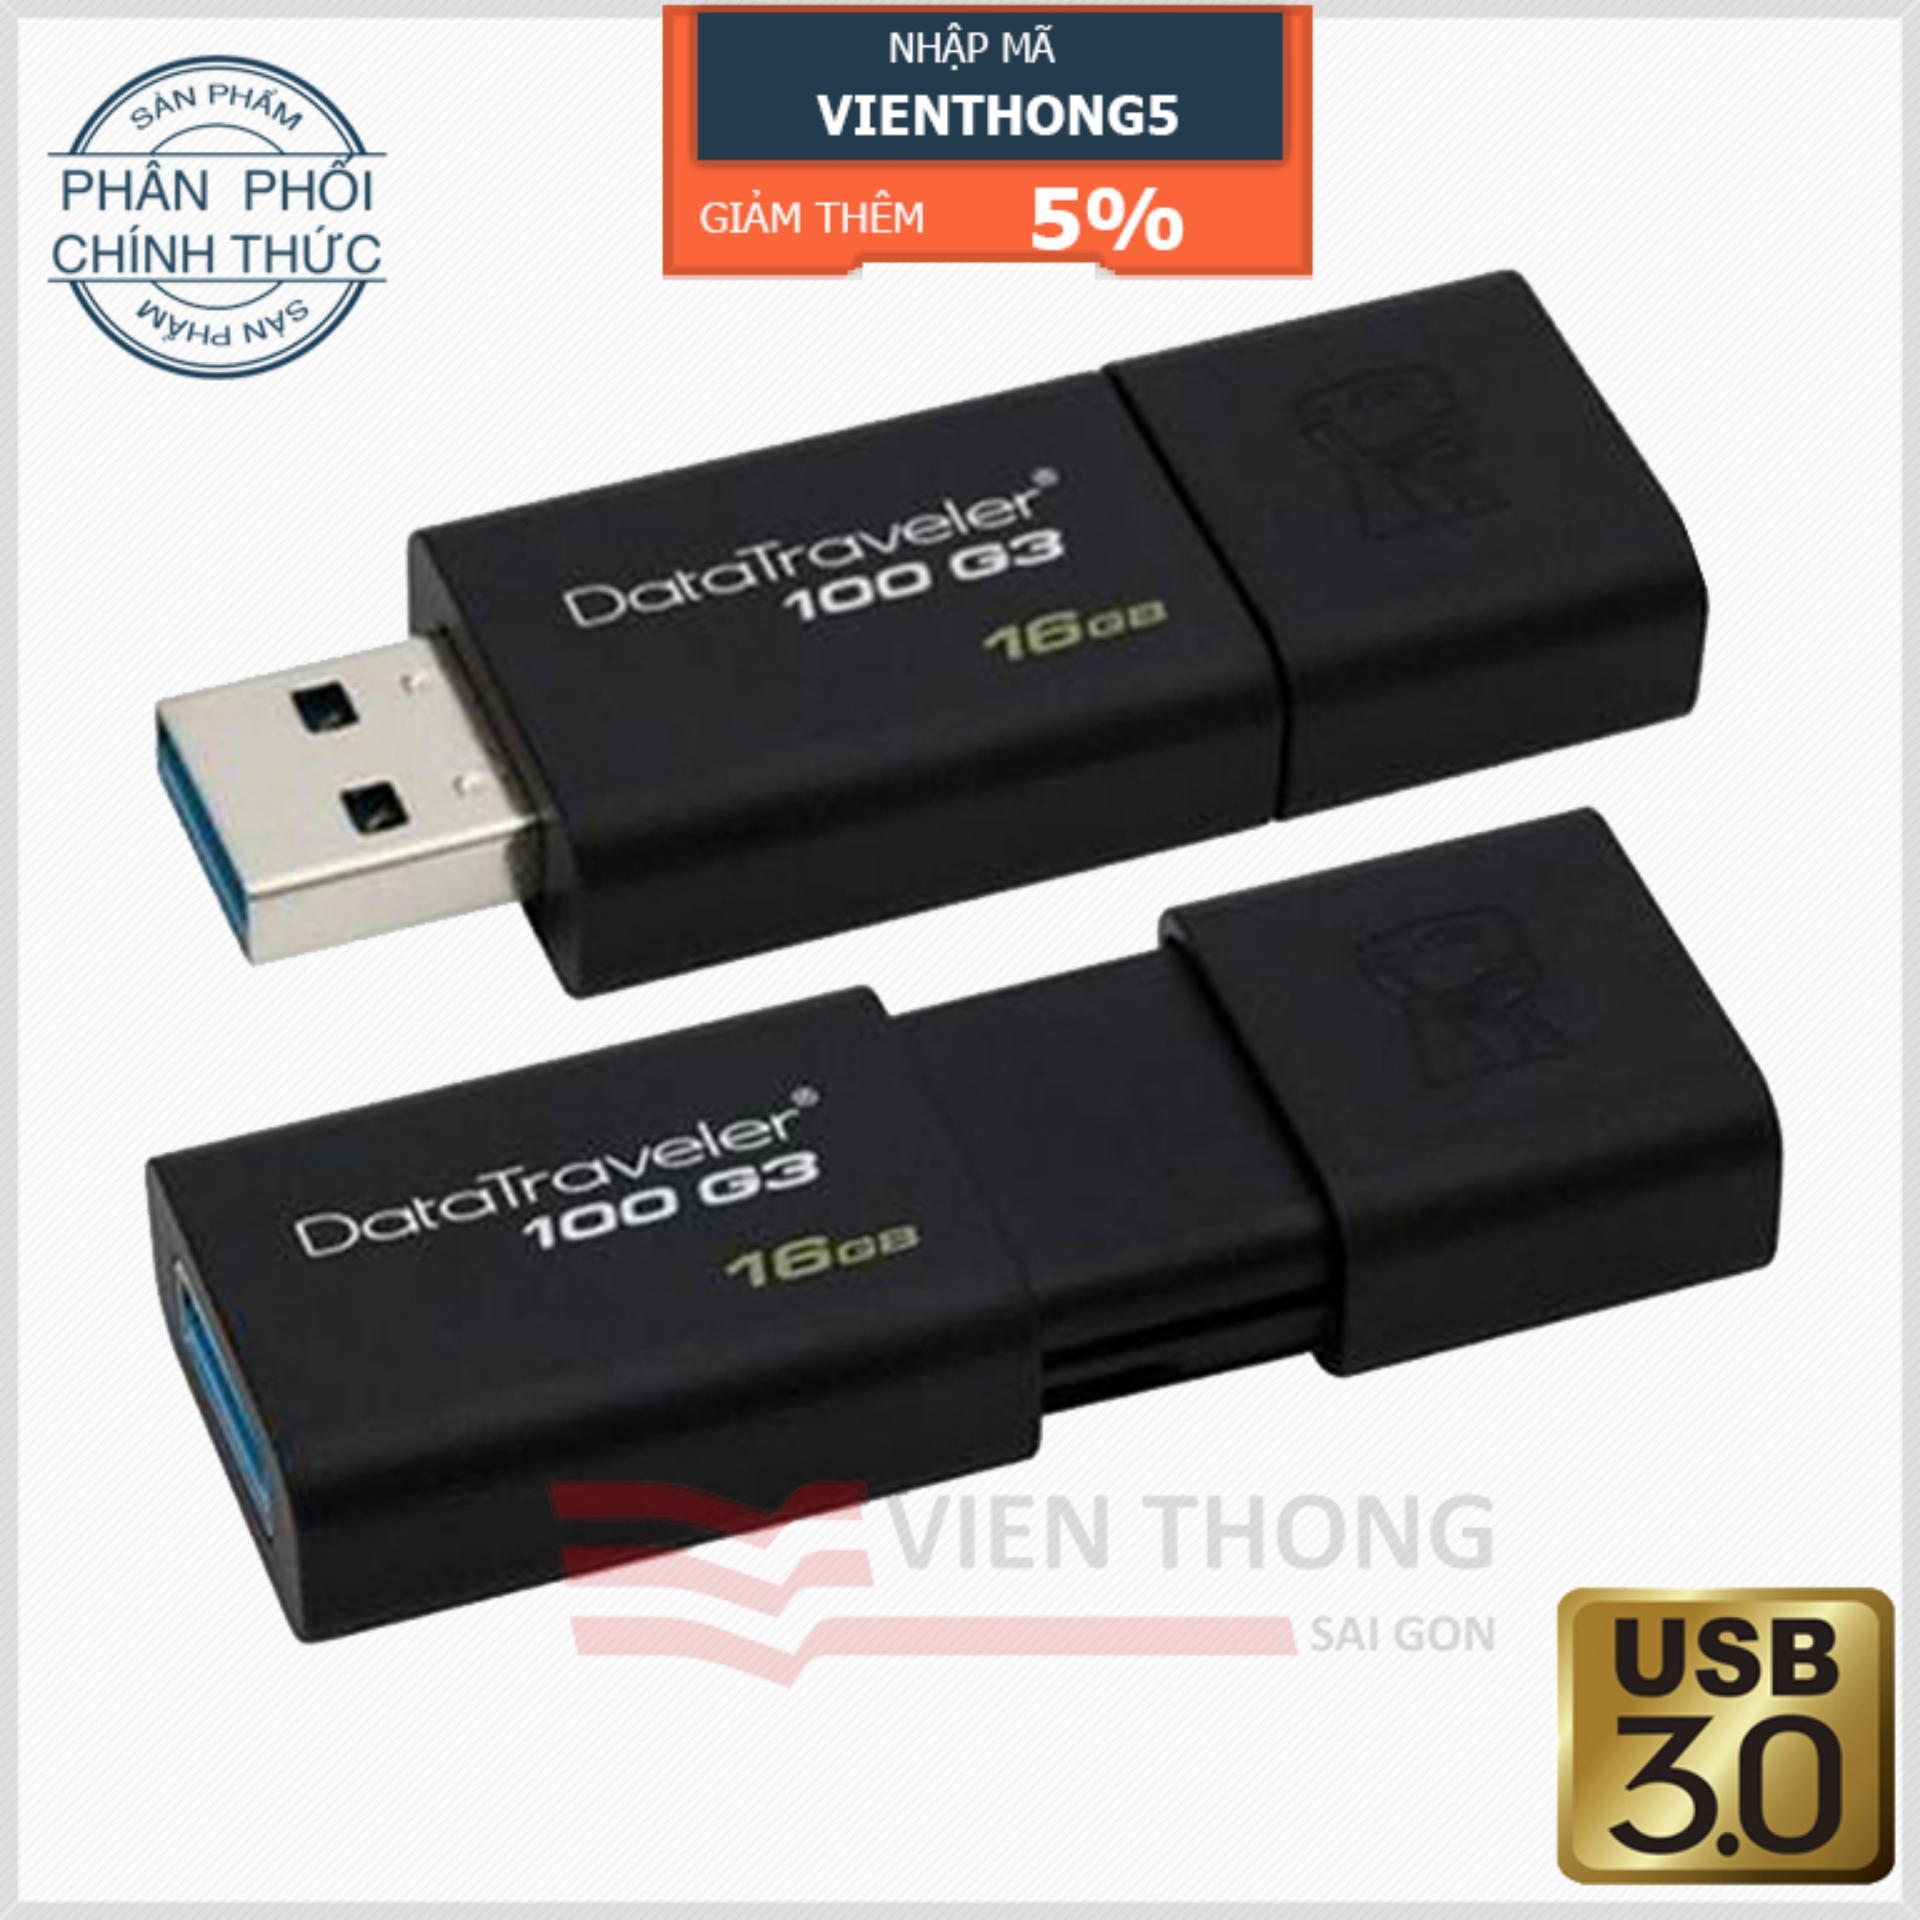 Hình ảnh USB 3.0 16GB Kingston DataTraveler 100 G3 (Đen) – Hãng Phân phối chính thức